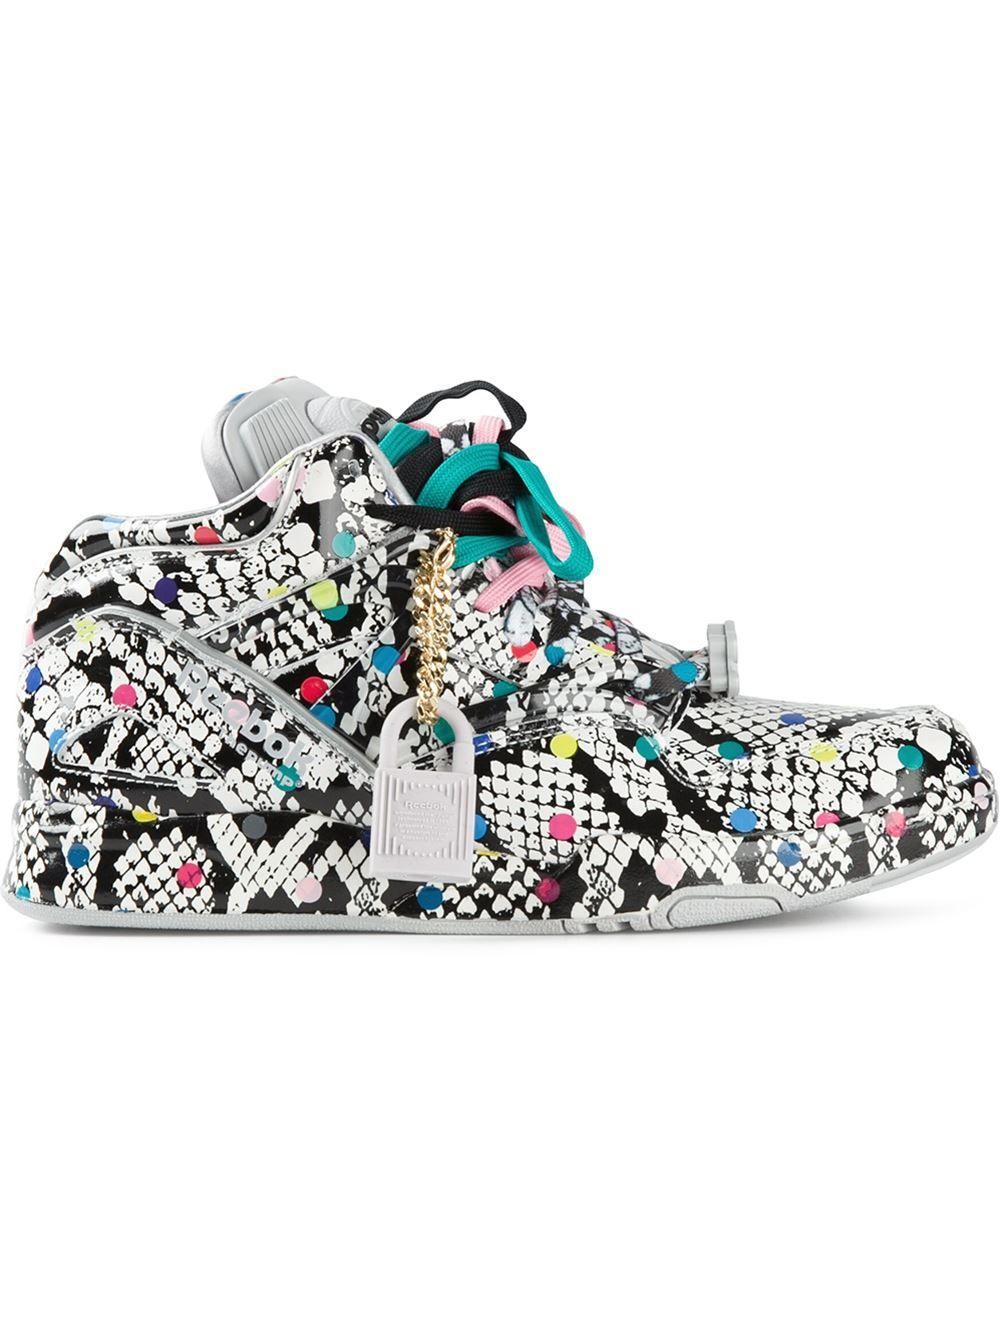 Reebok Pumps #sneakers #printed #shoelust